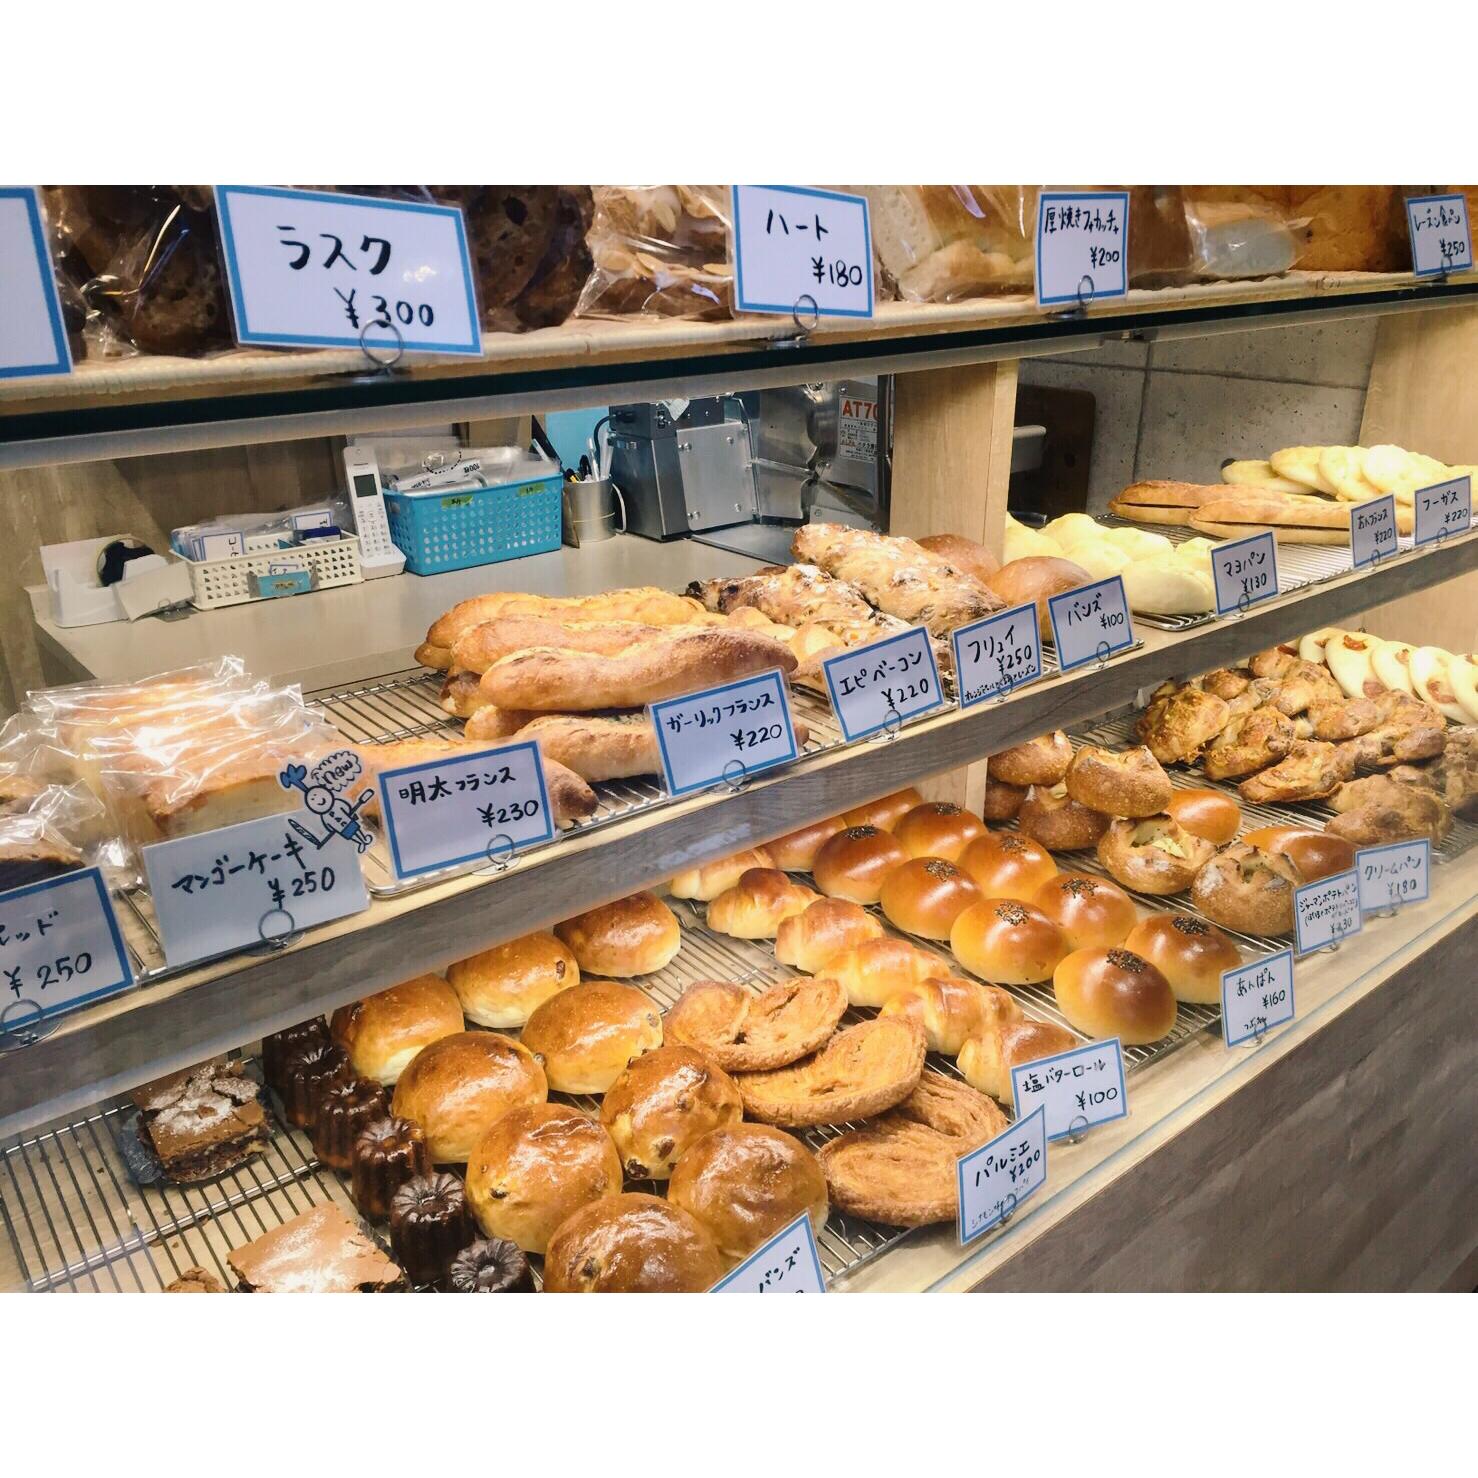 本日のパン棚(2016.09.21) | OPAN オパン|東京 笹塚のパン屋